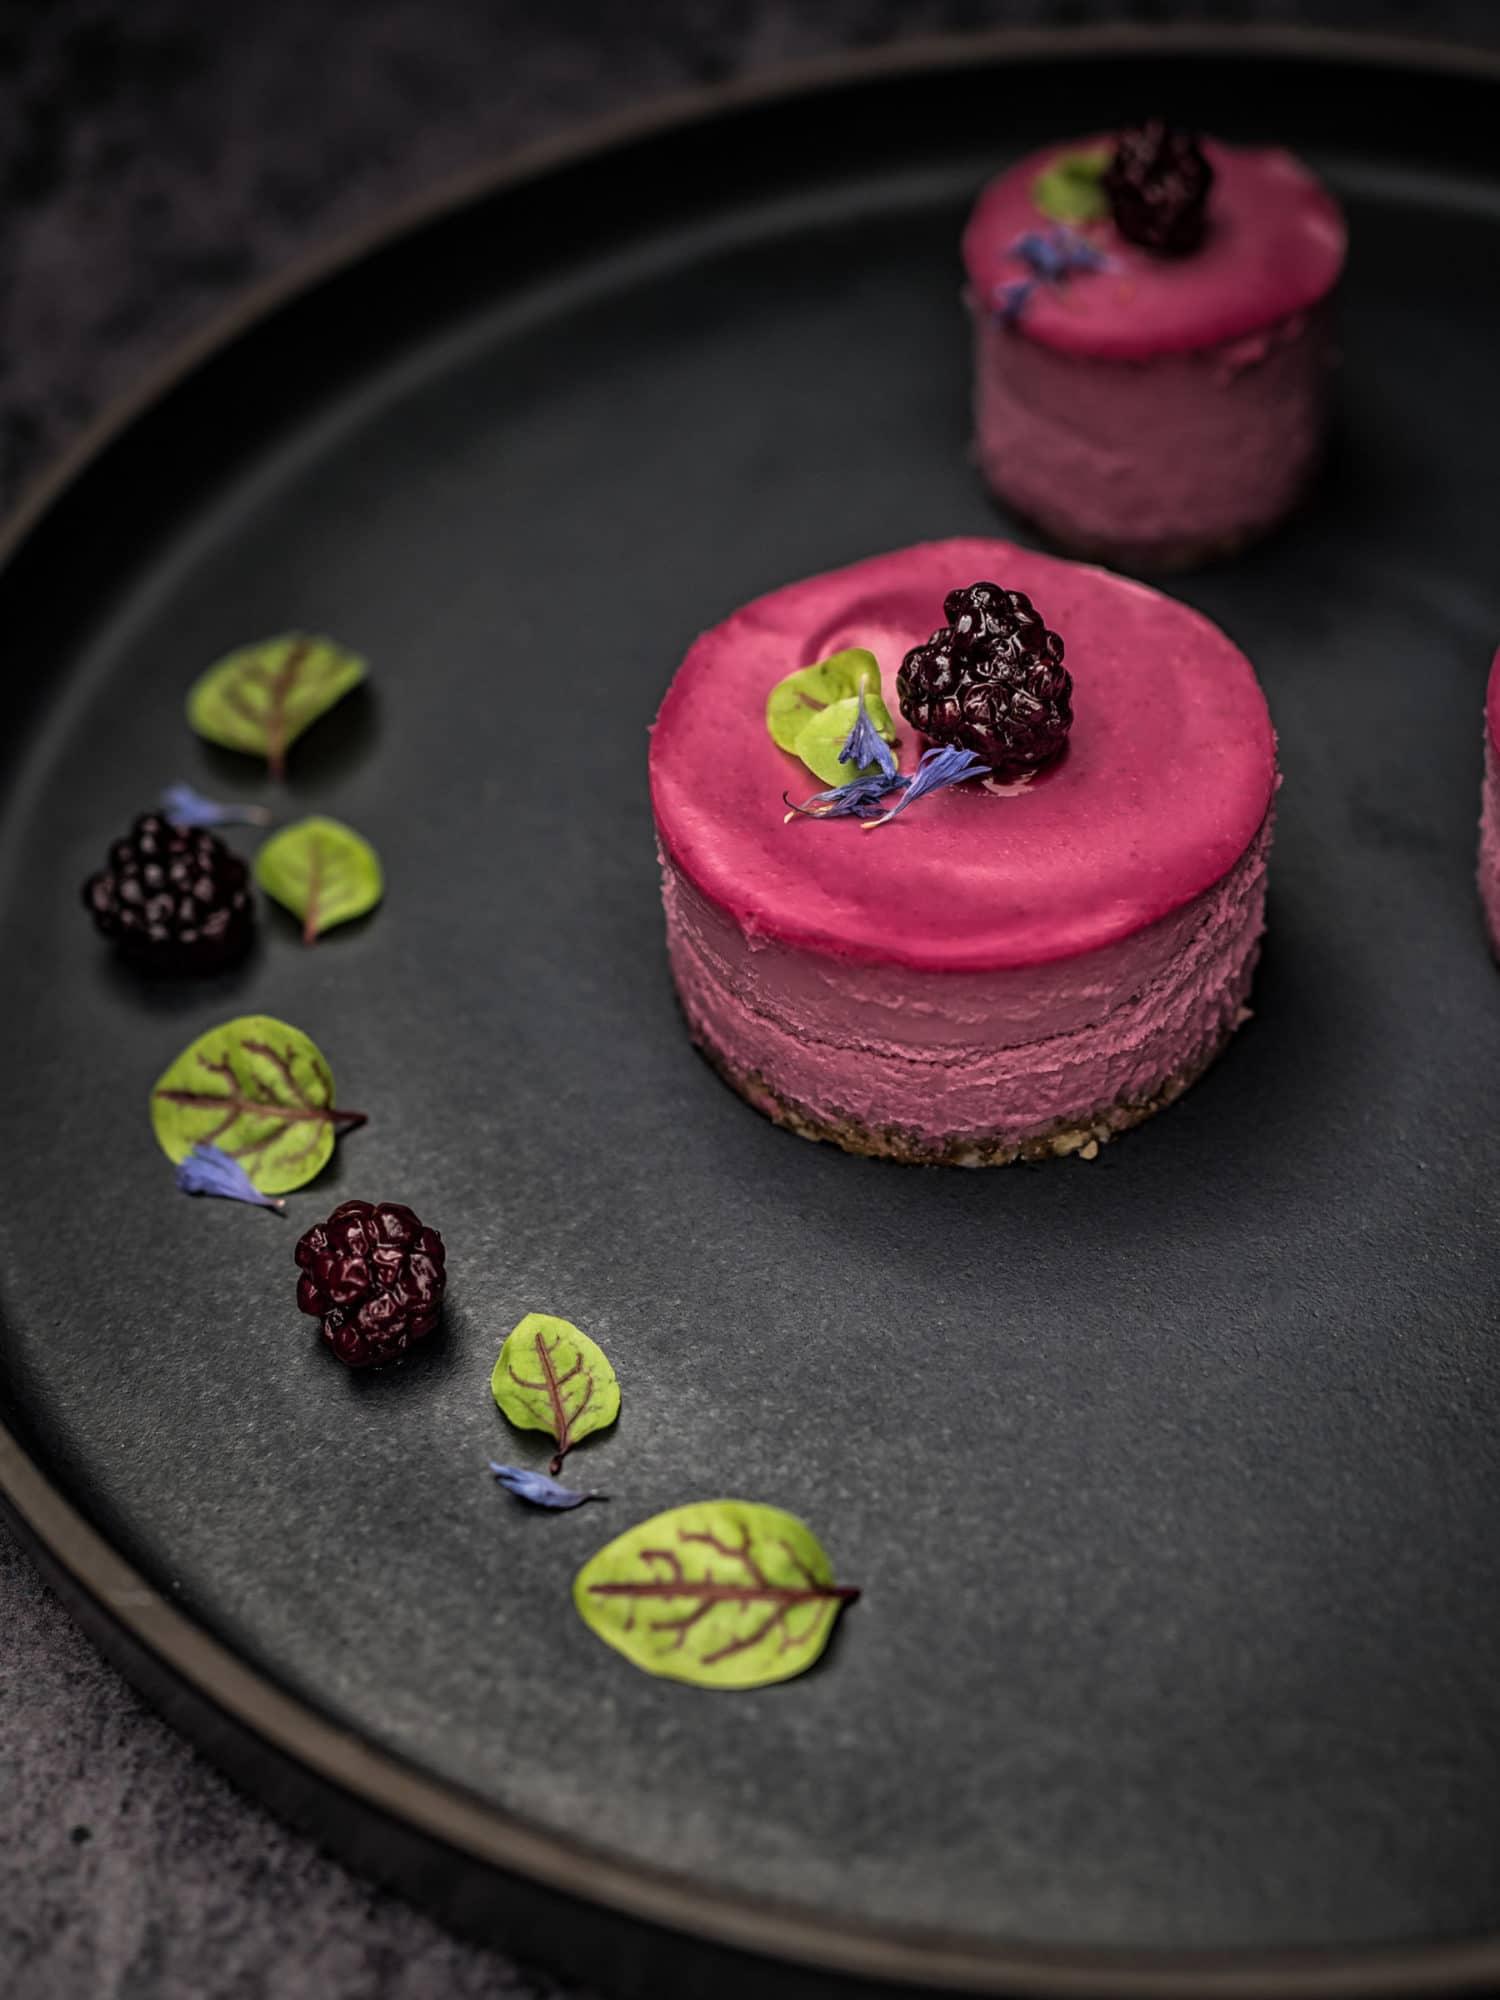 fermentierte Beeren, Vene Kresse und Lavendel auf pinken mini Cheesecakes